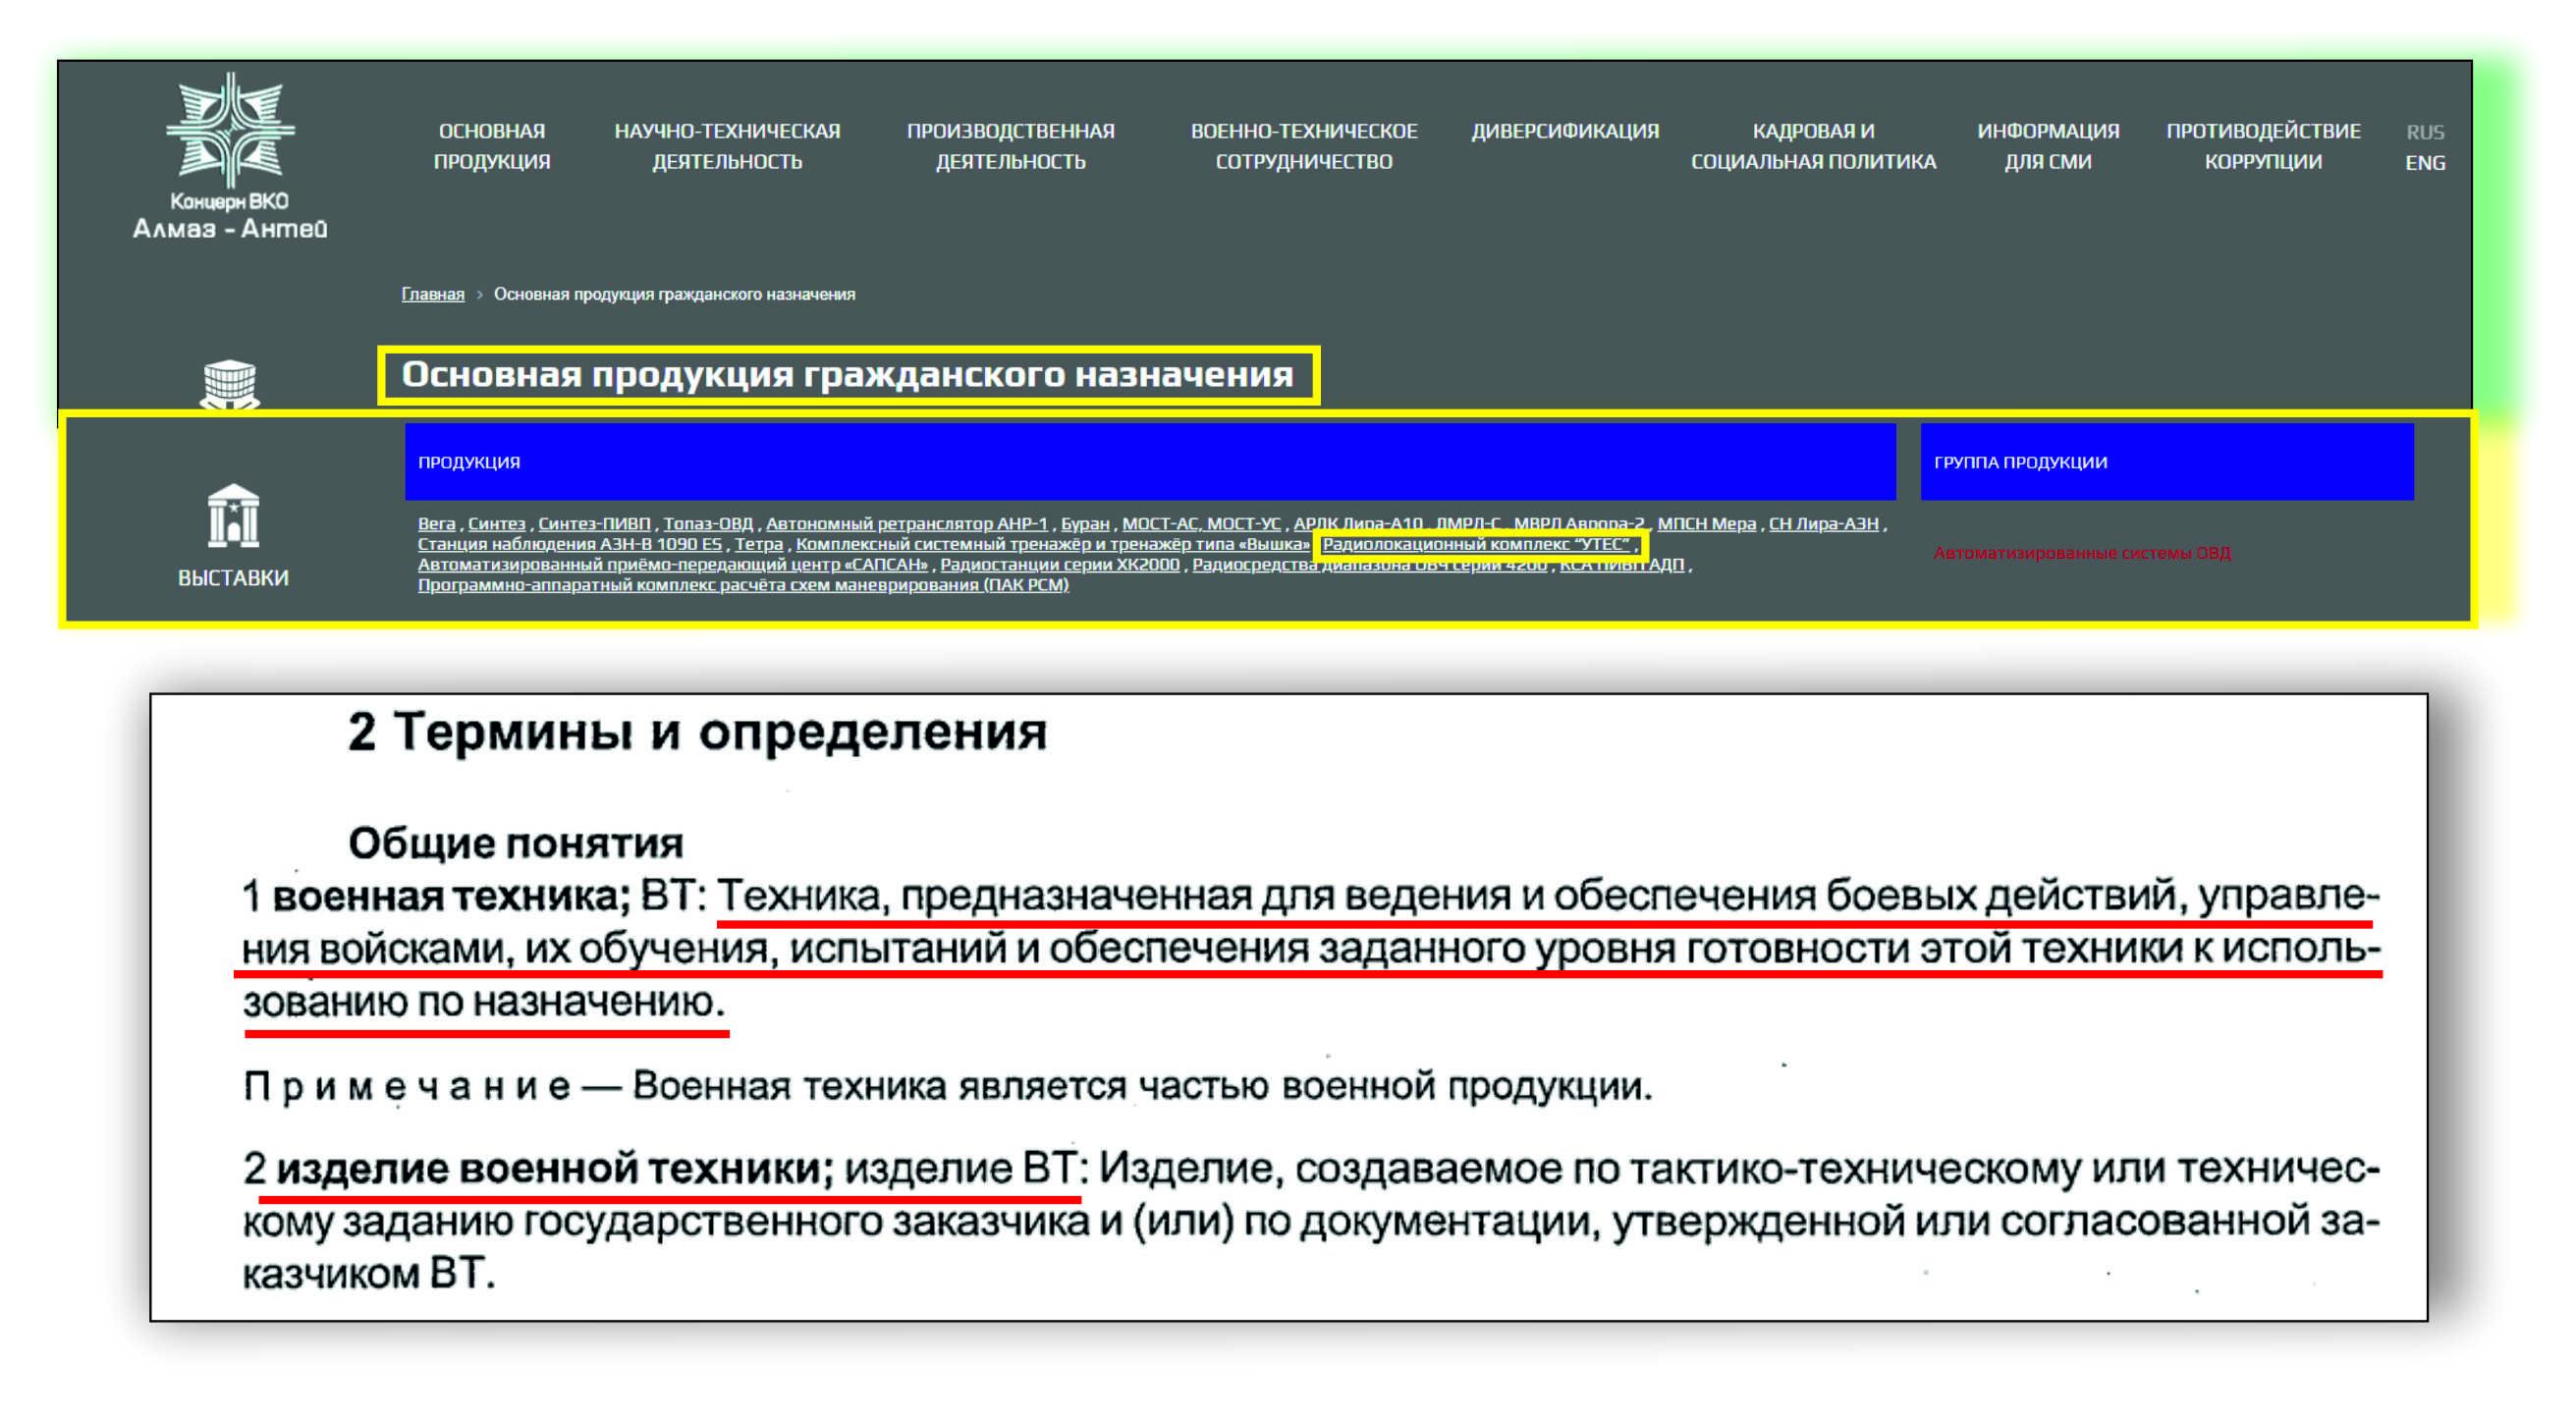 http://images.vfl.ru/ii/1619775966/1da07029/34282254.jpg